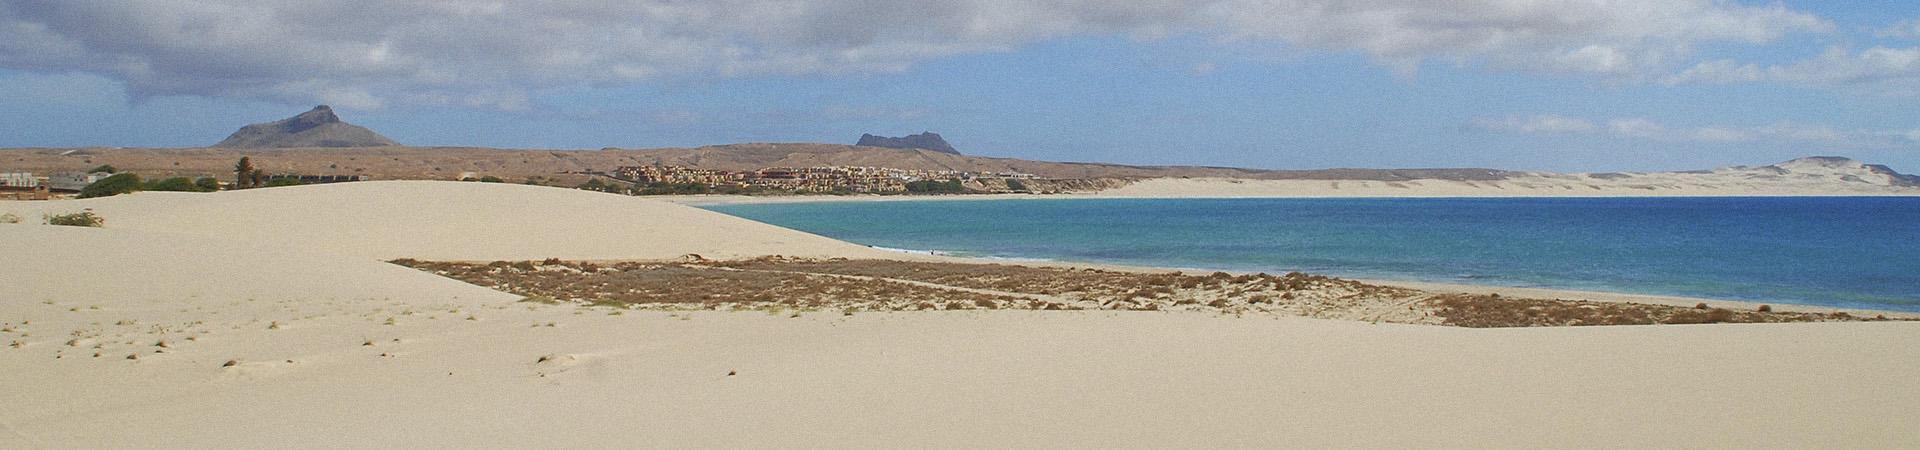 dune-baia-boavista.jpg